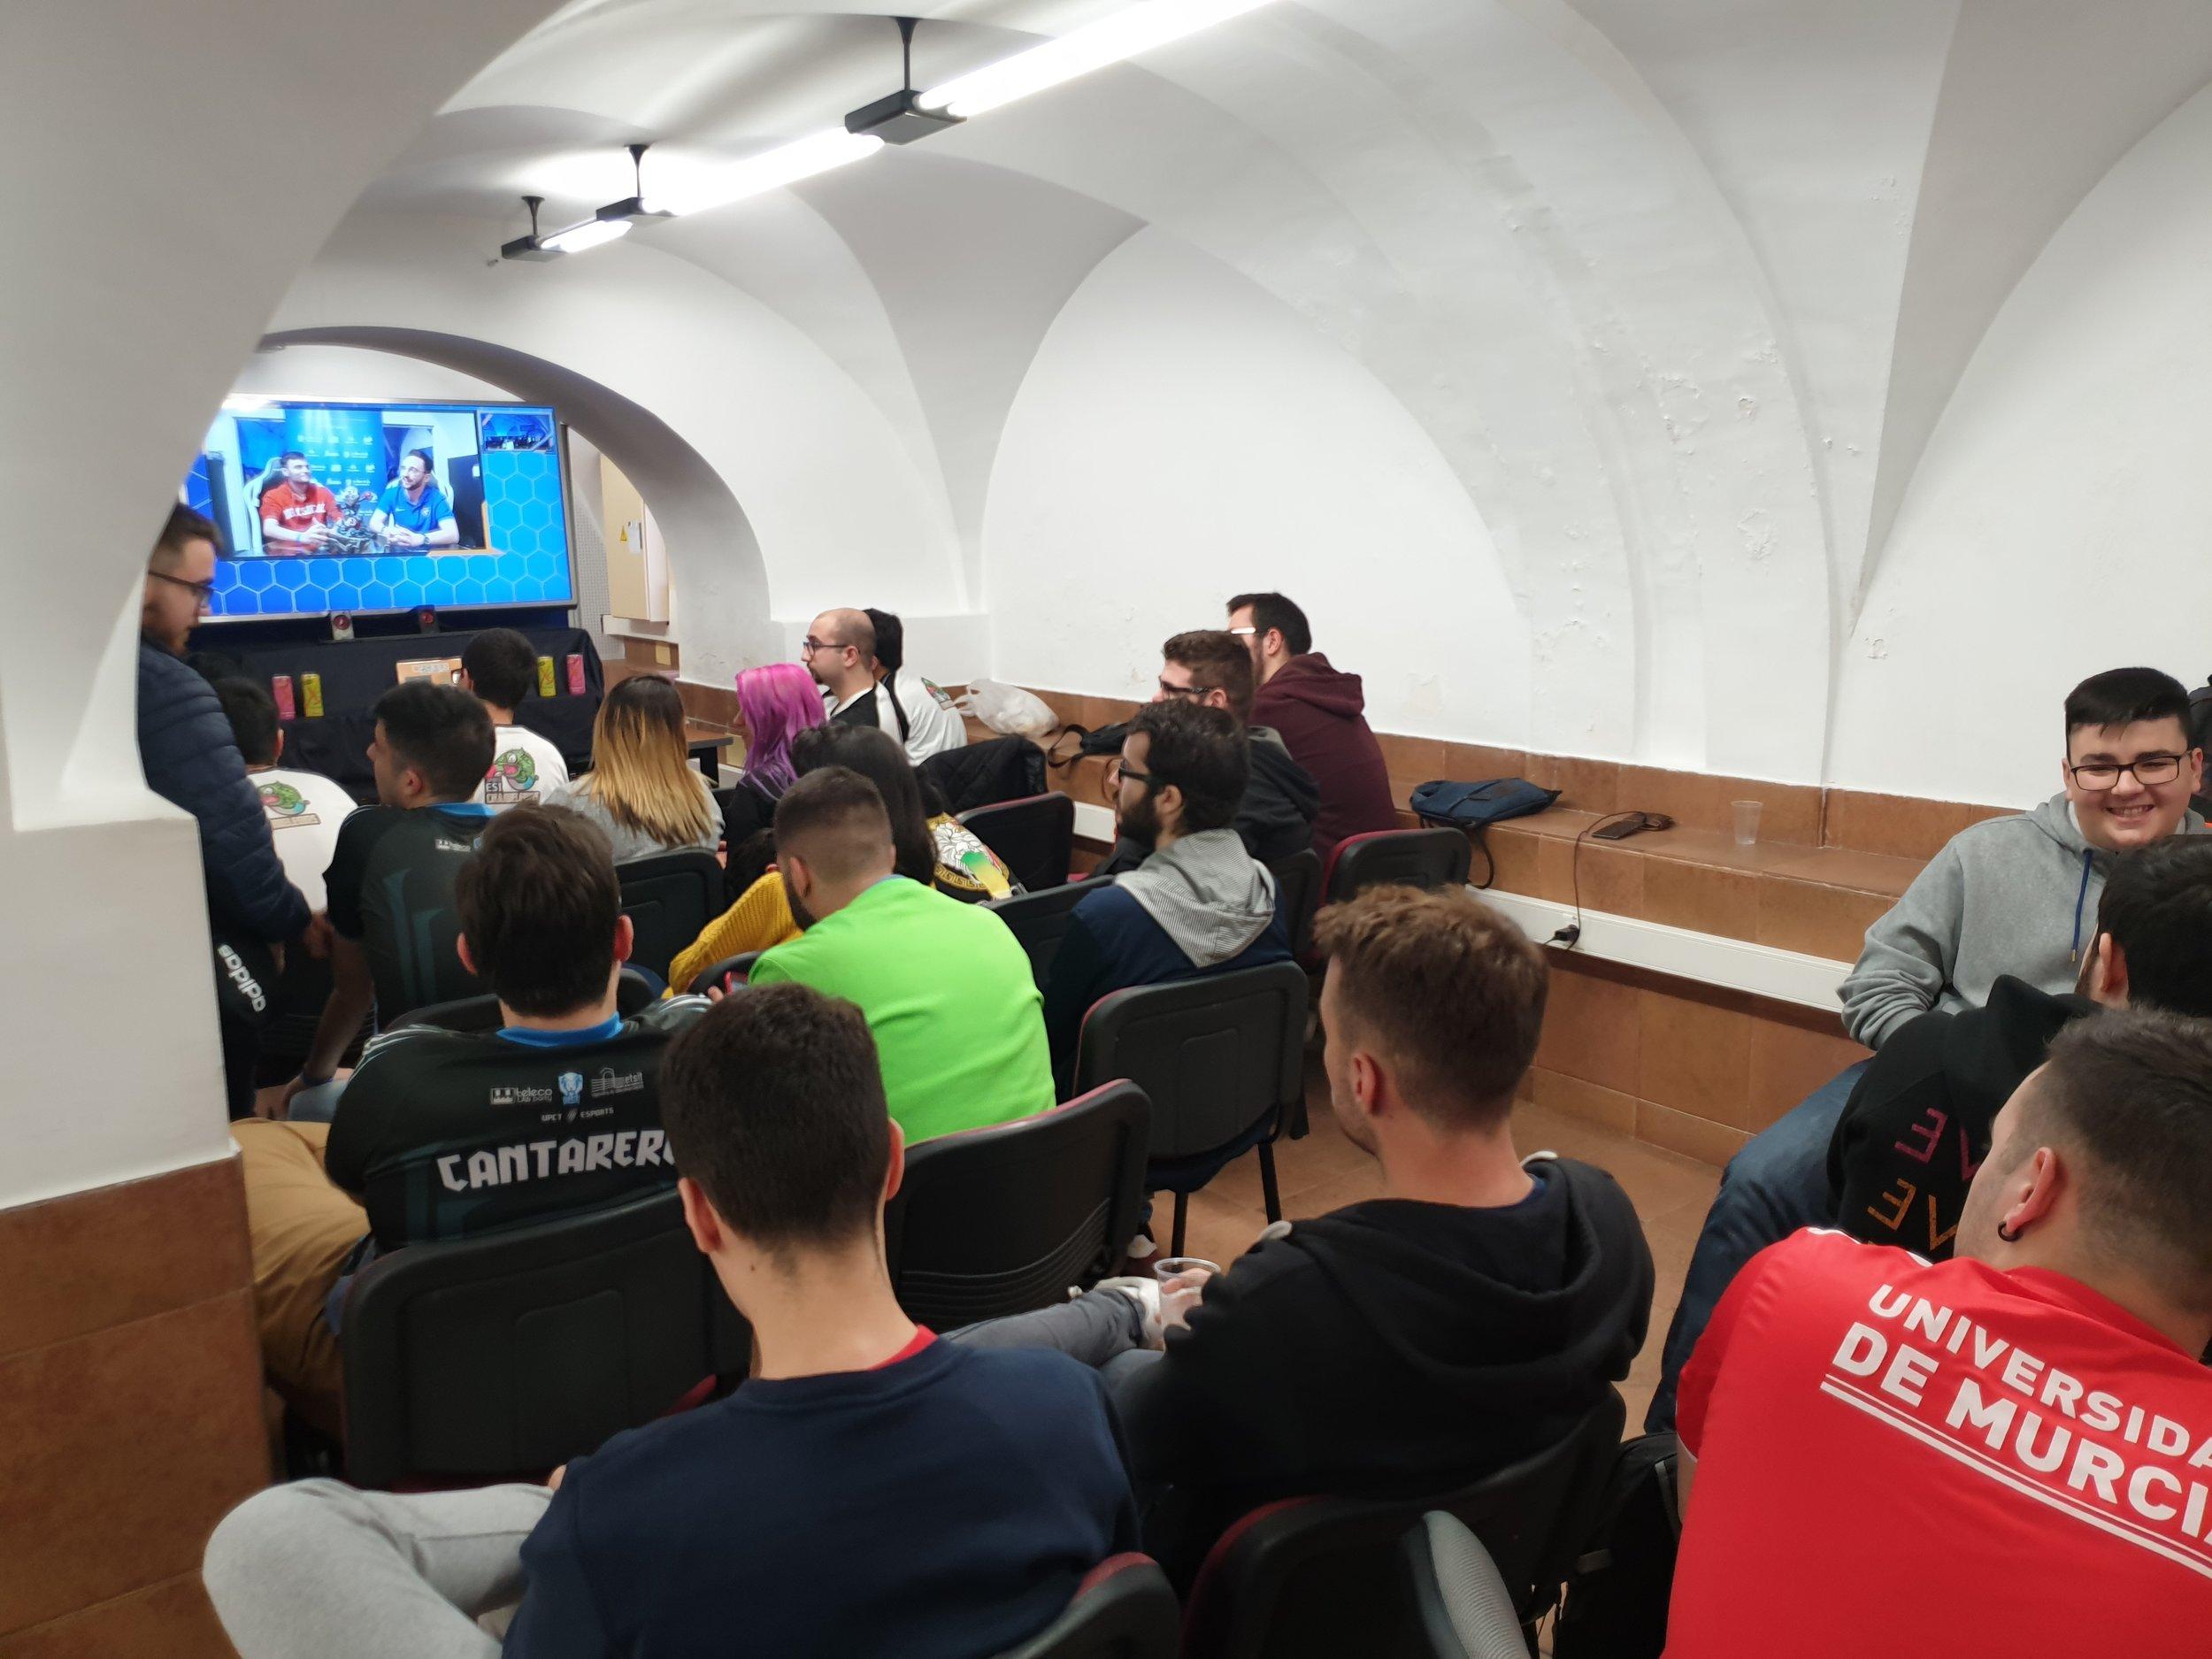 Foto: Javier Amorós García - En la foto: Zona para espectadores completa, habilitada para la visualización del torneo con capacidad para 50 butacas.